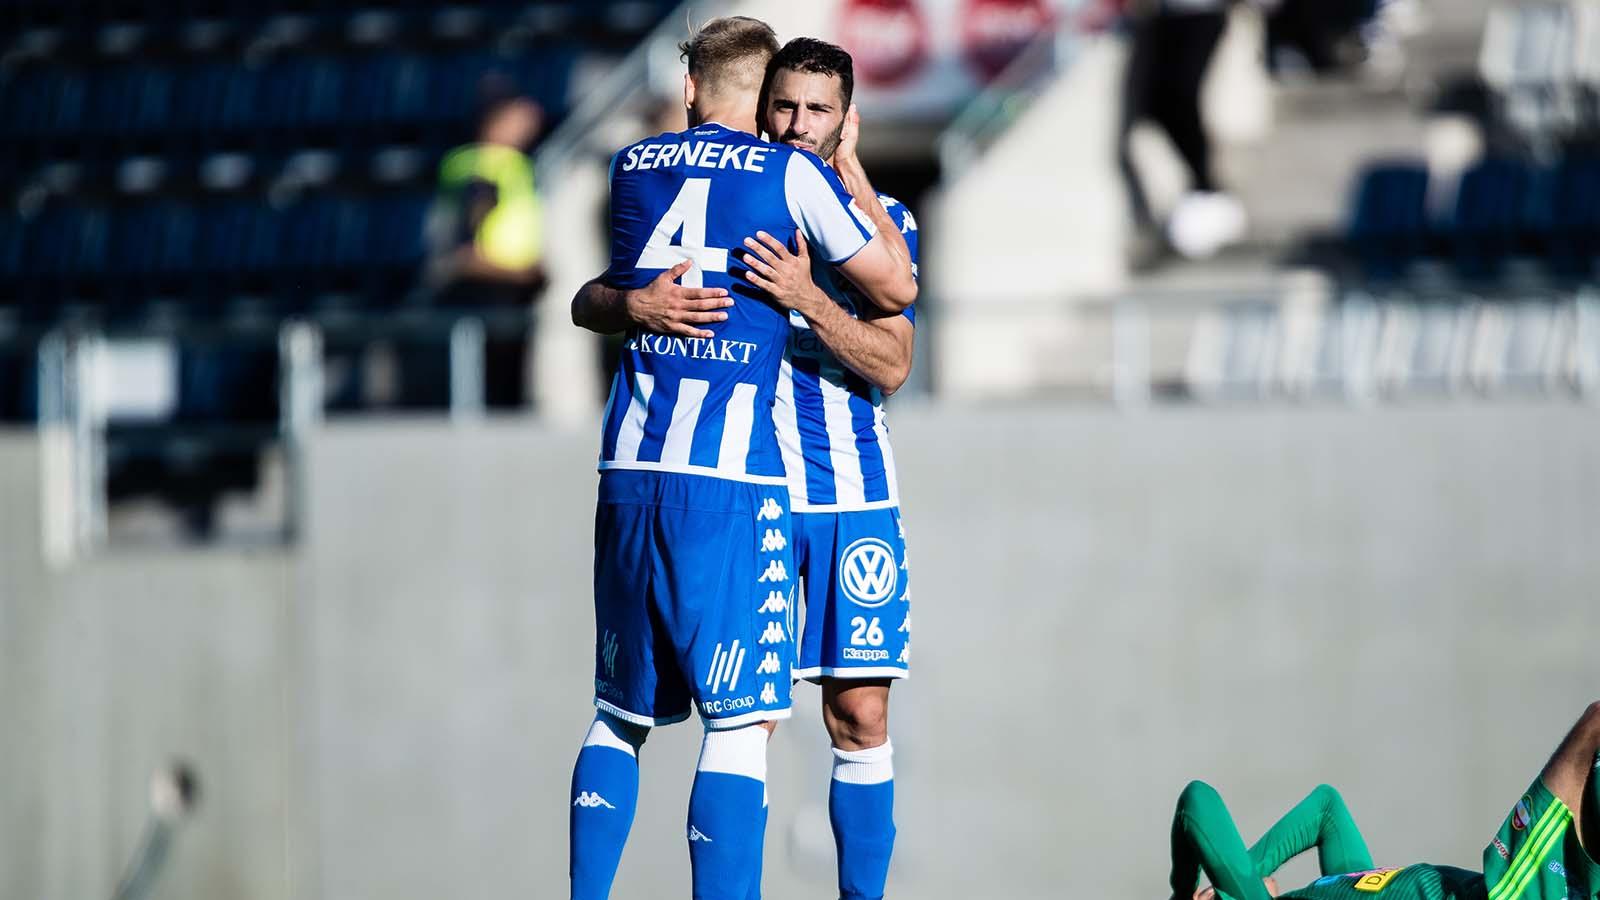 180902 IFK Göteborgs André Calisir och Carl Starfelt tackar varandra efter fotbollsmatchen i Allsvenskan mellan Dalkurd och IFK Göteborg den 2 September 2018 i Gävle. Foto: Kenta Jönsson / BILDBYRÅN / Cop 210